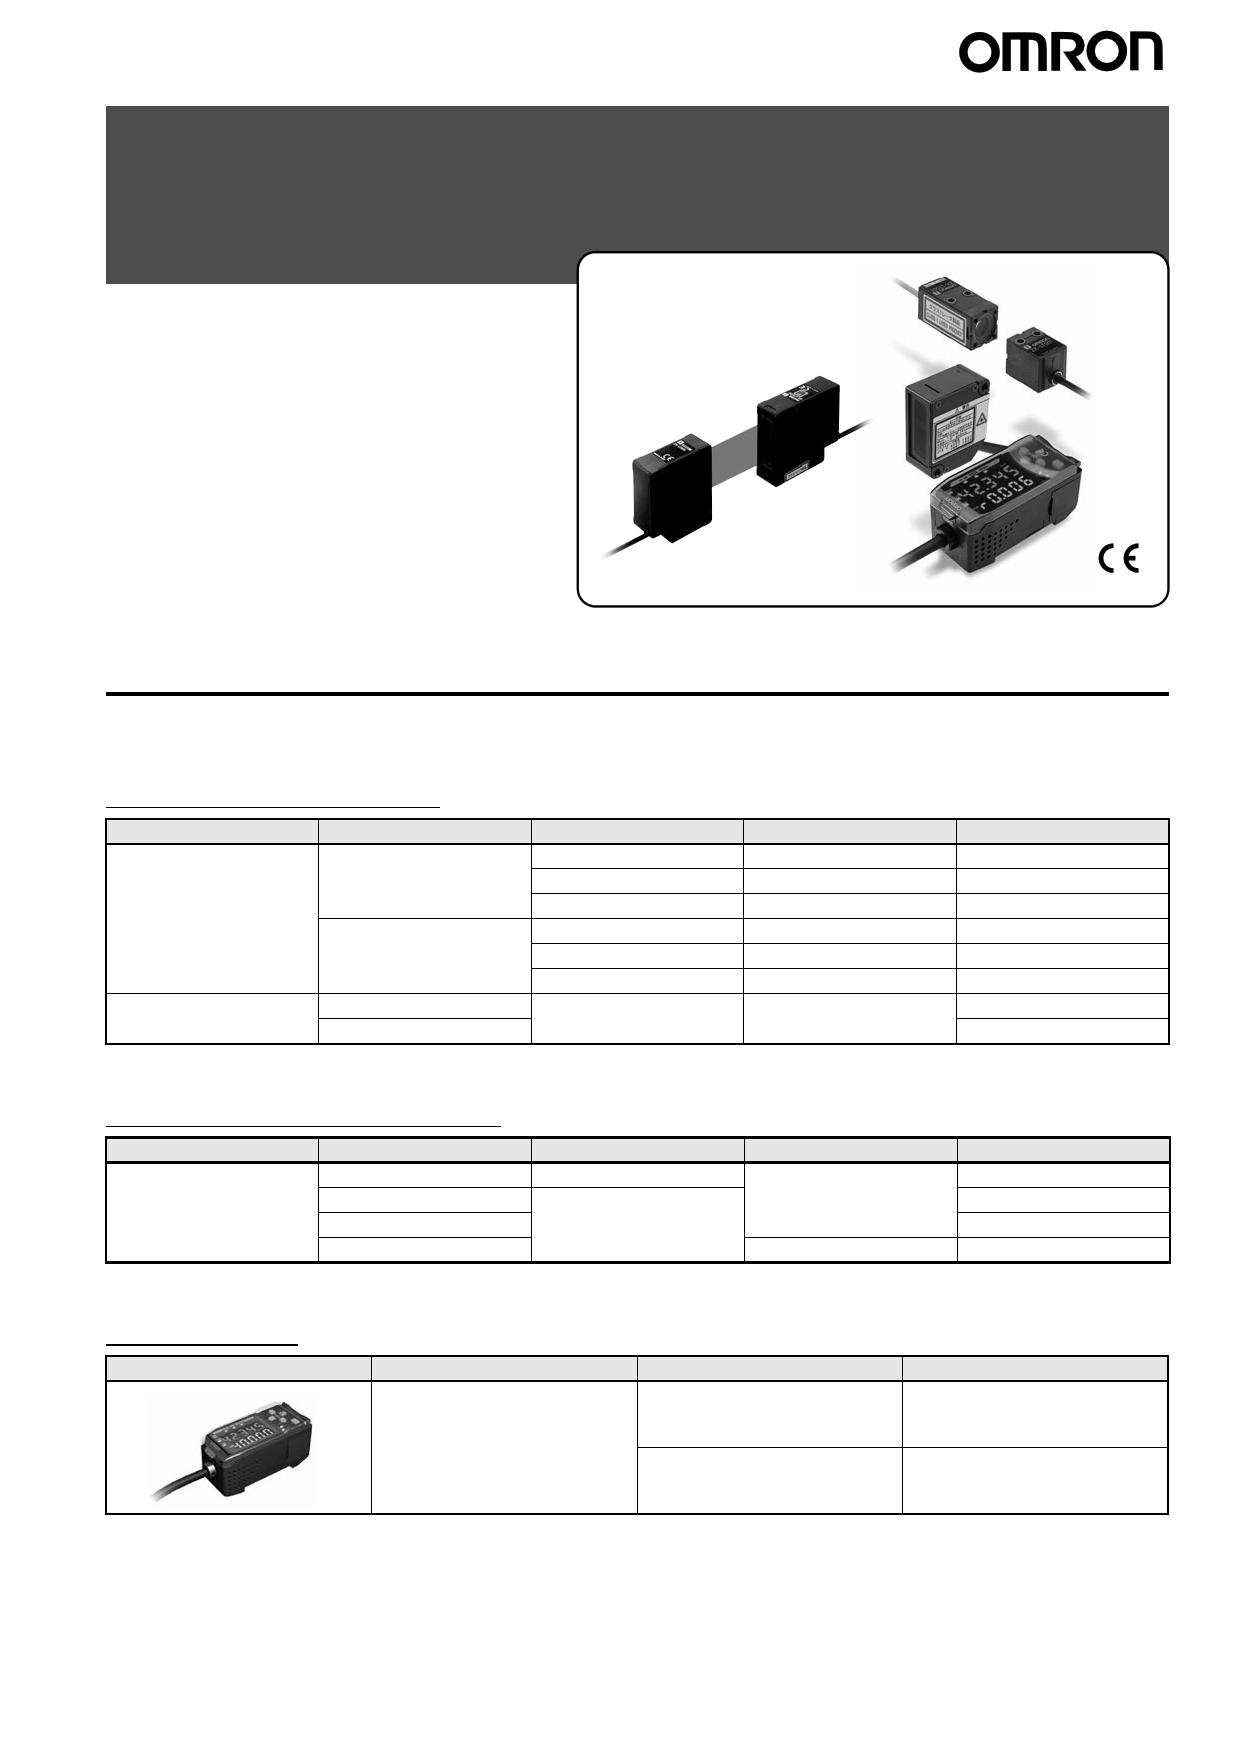 ZX-LD40 datasheet